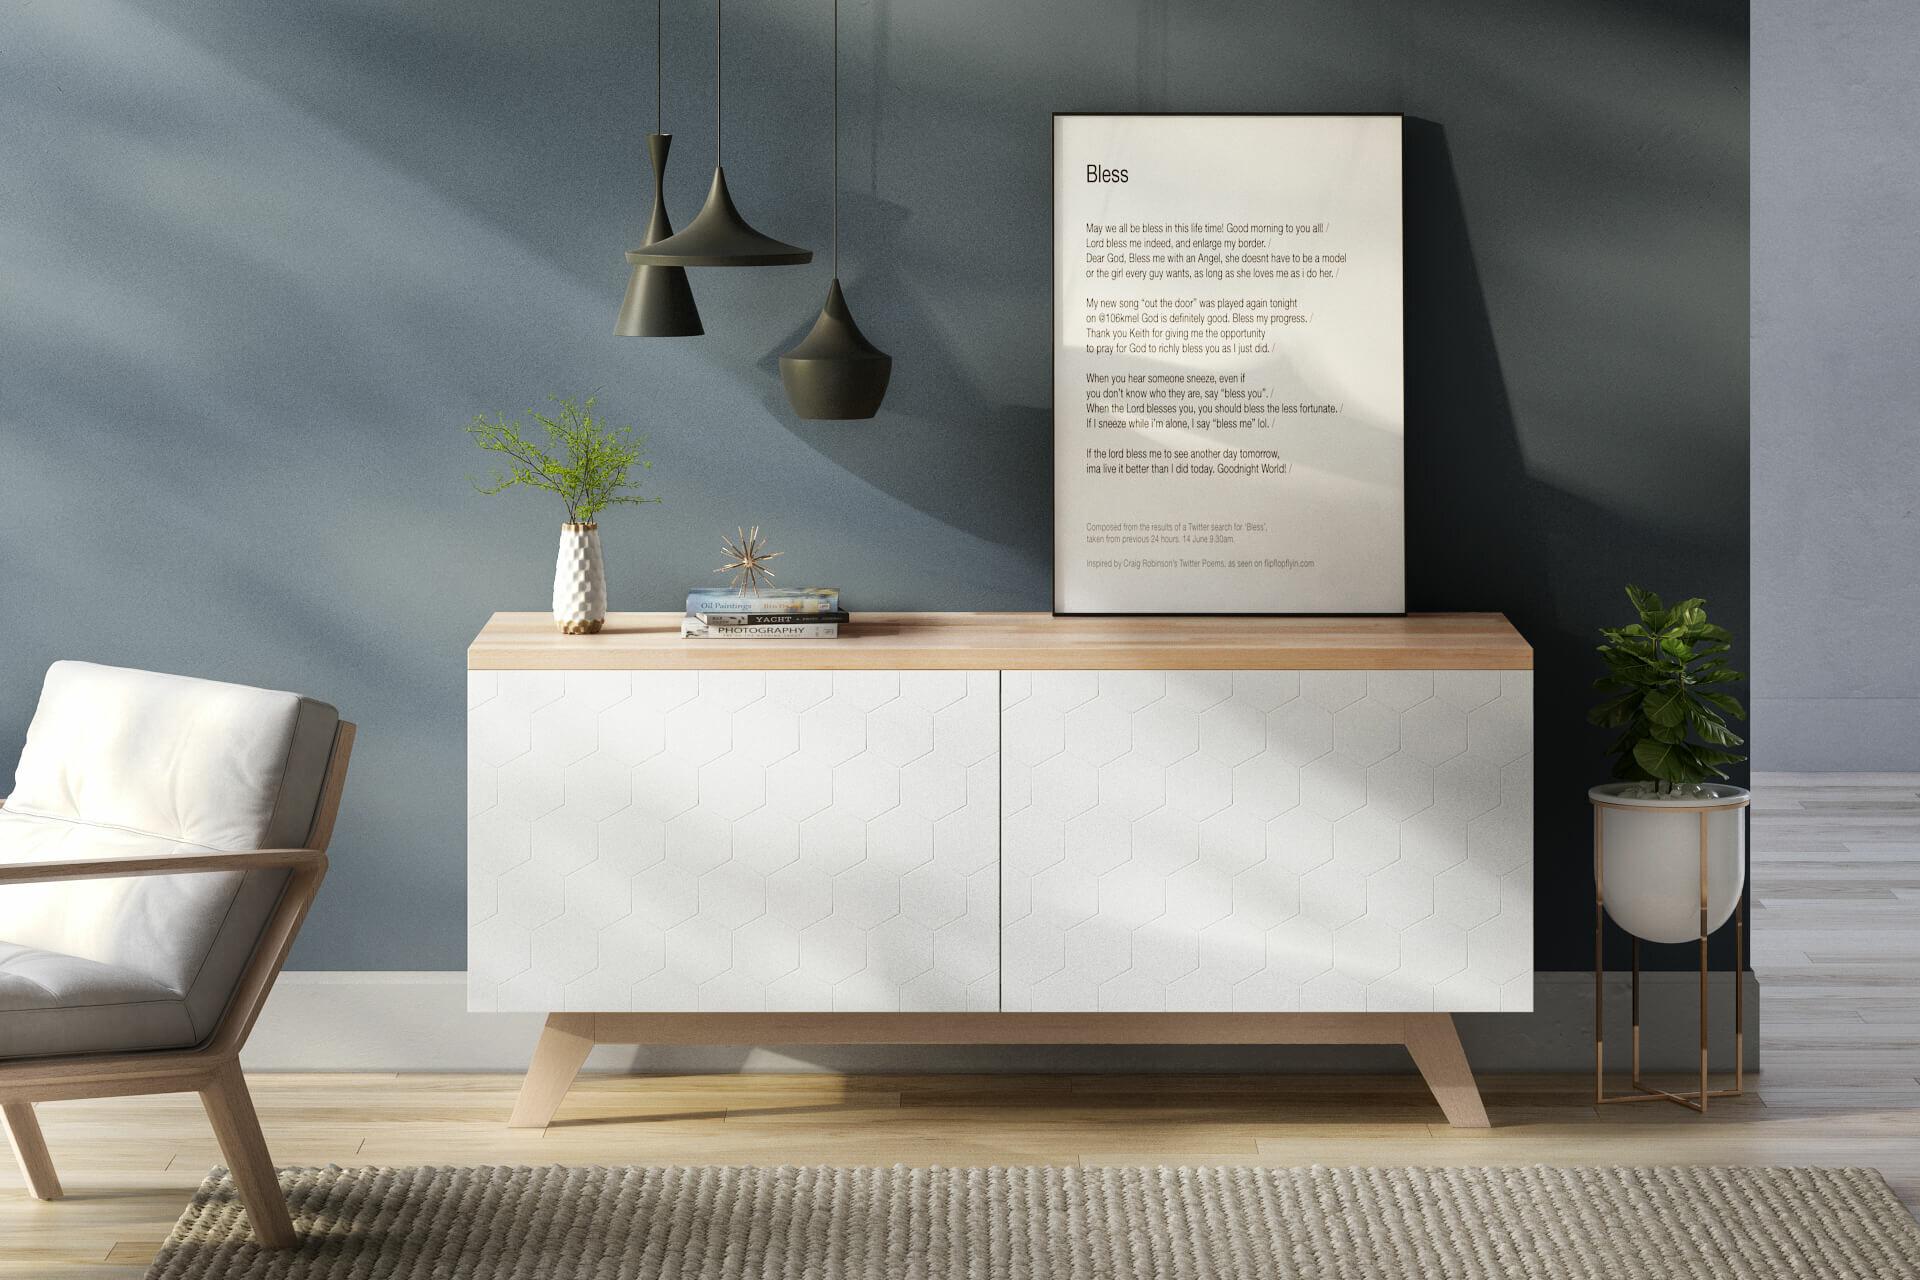 Ikea-Besta-Holzplatte